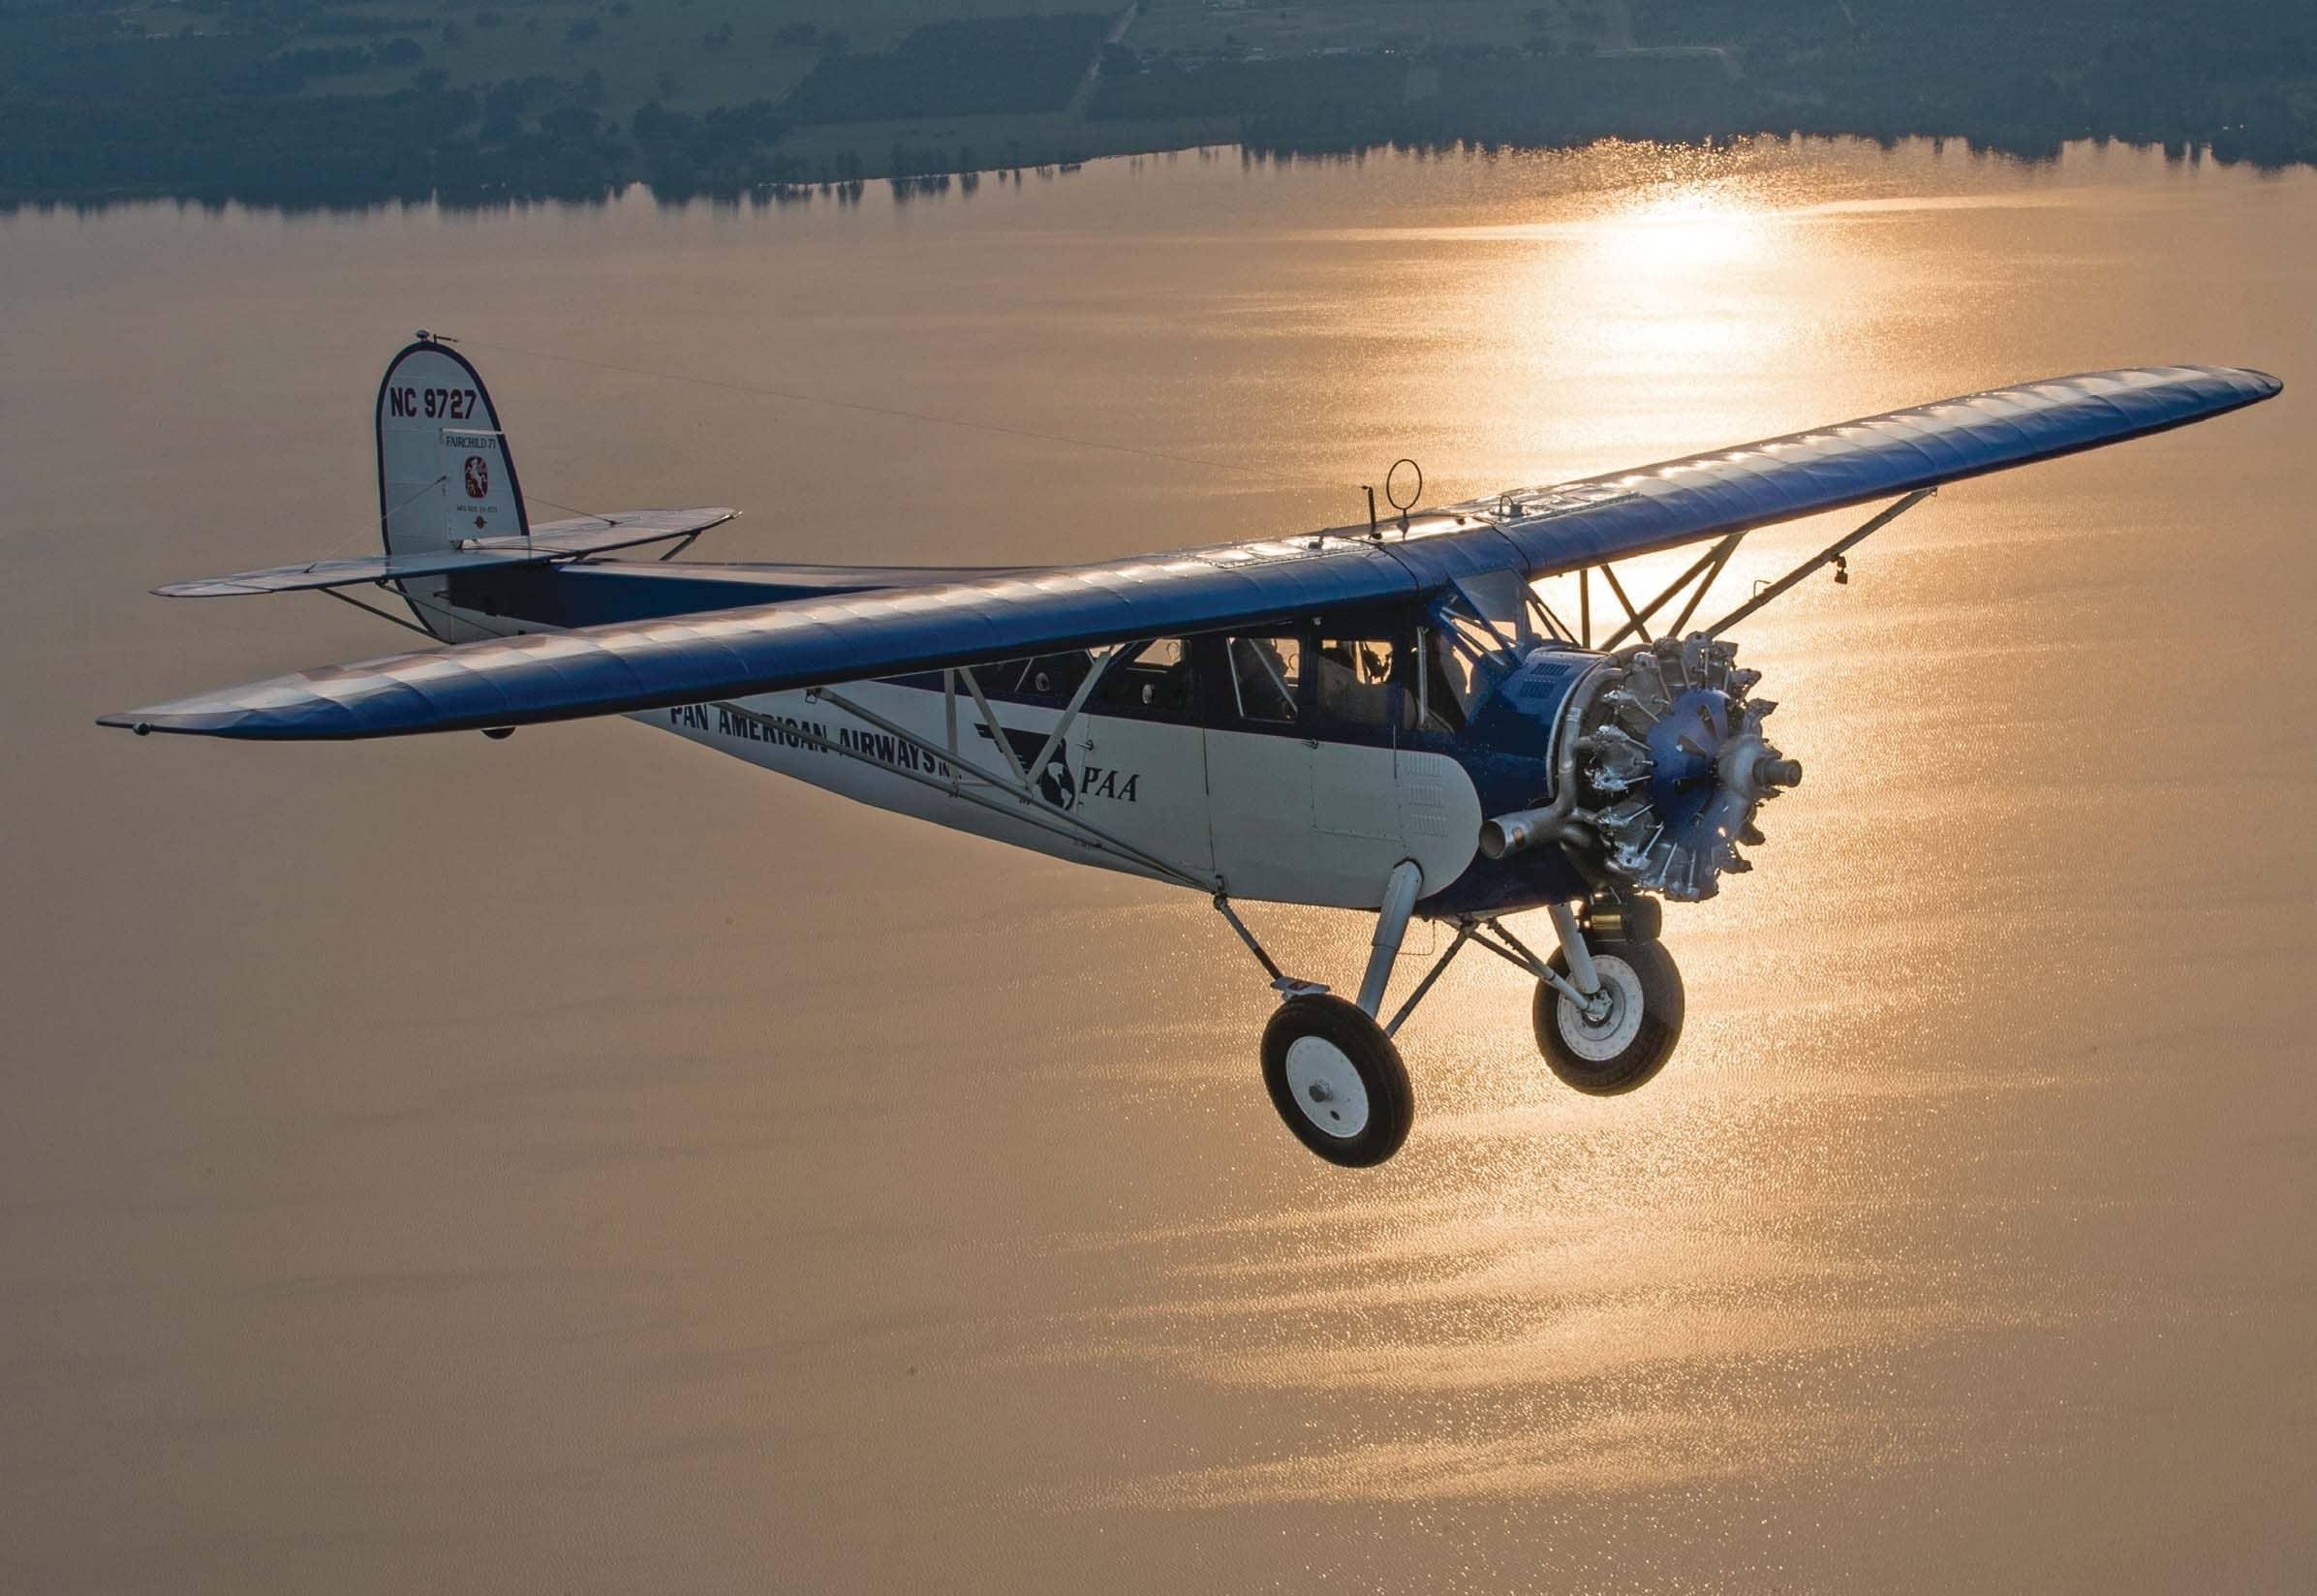 Fairchild's Model 71